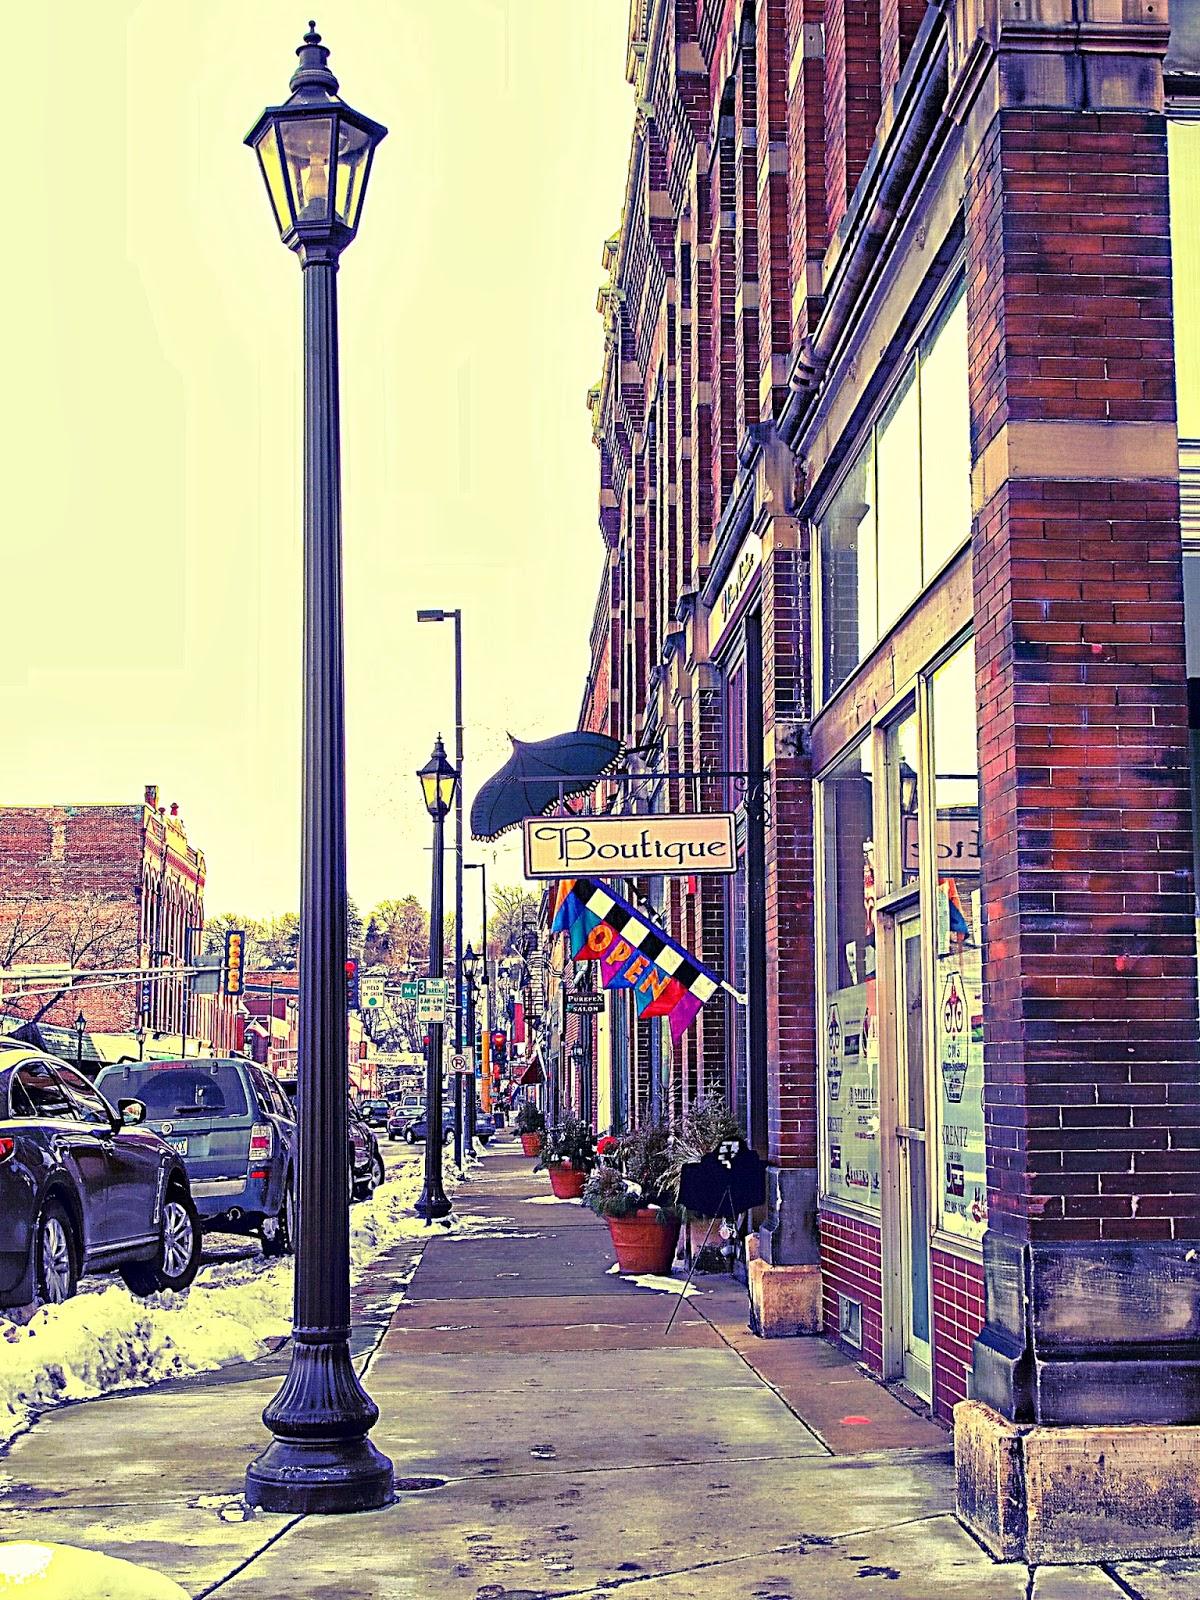 Downtown Boutique